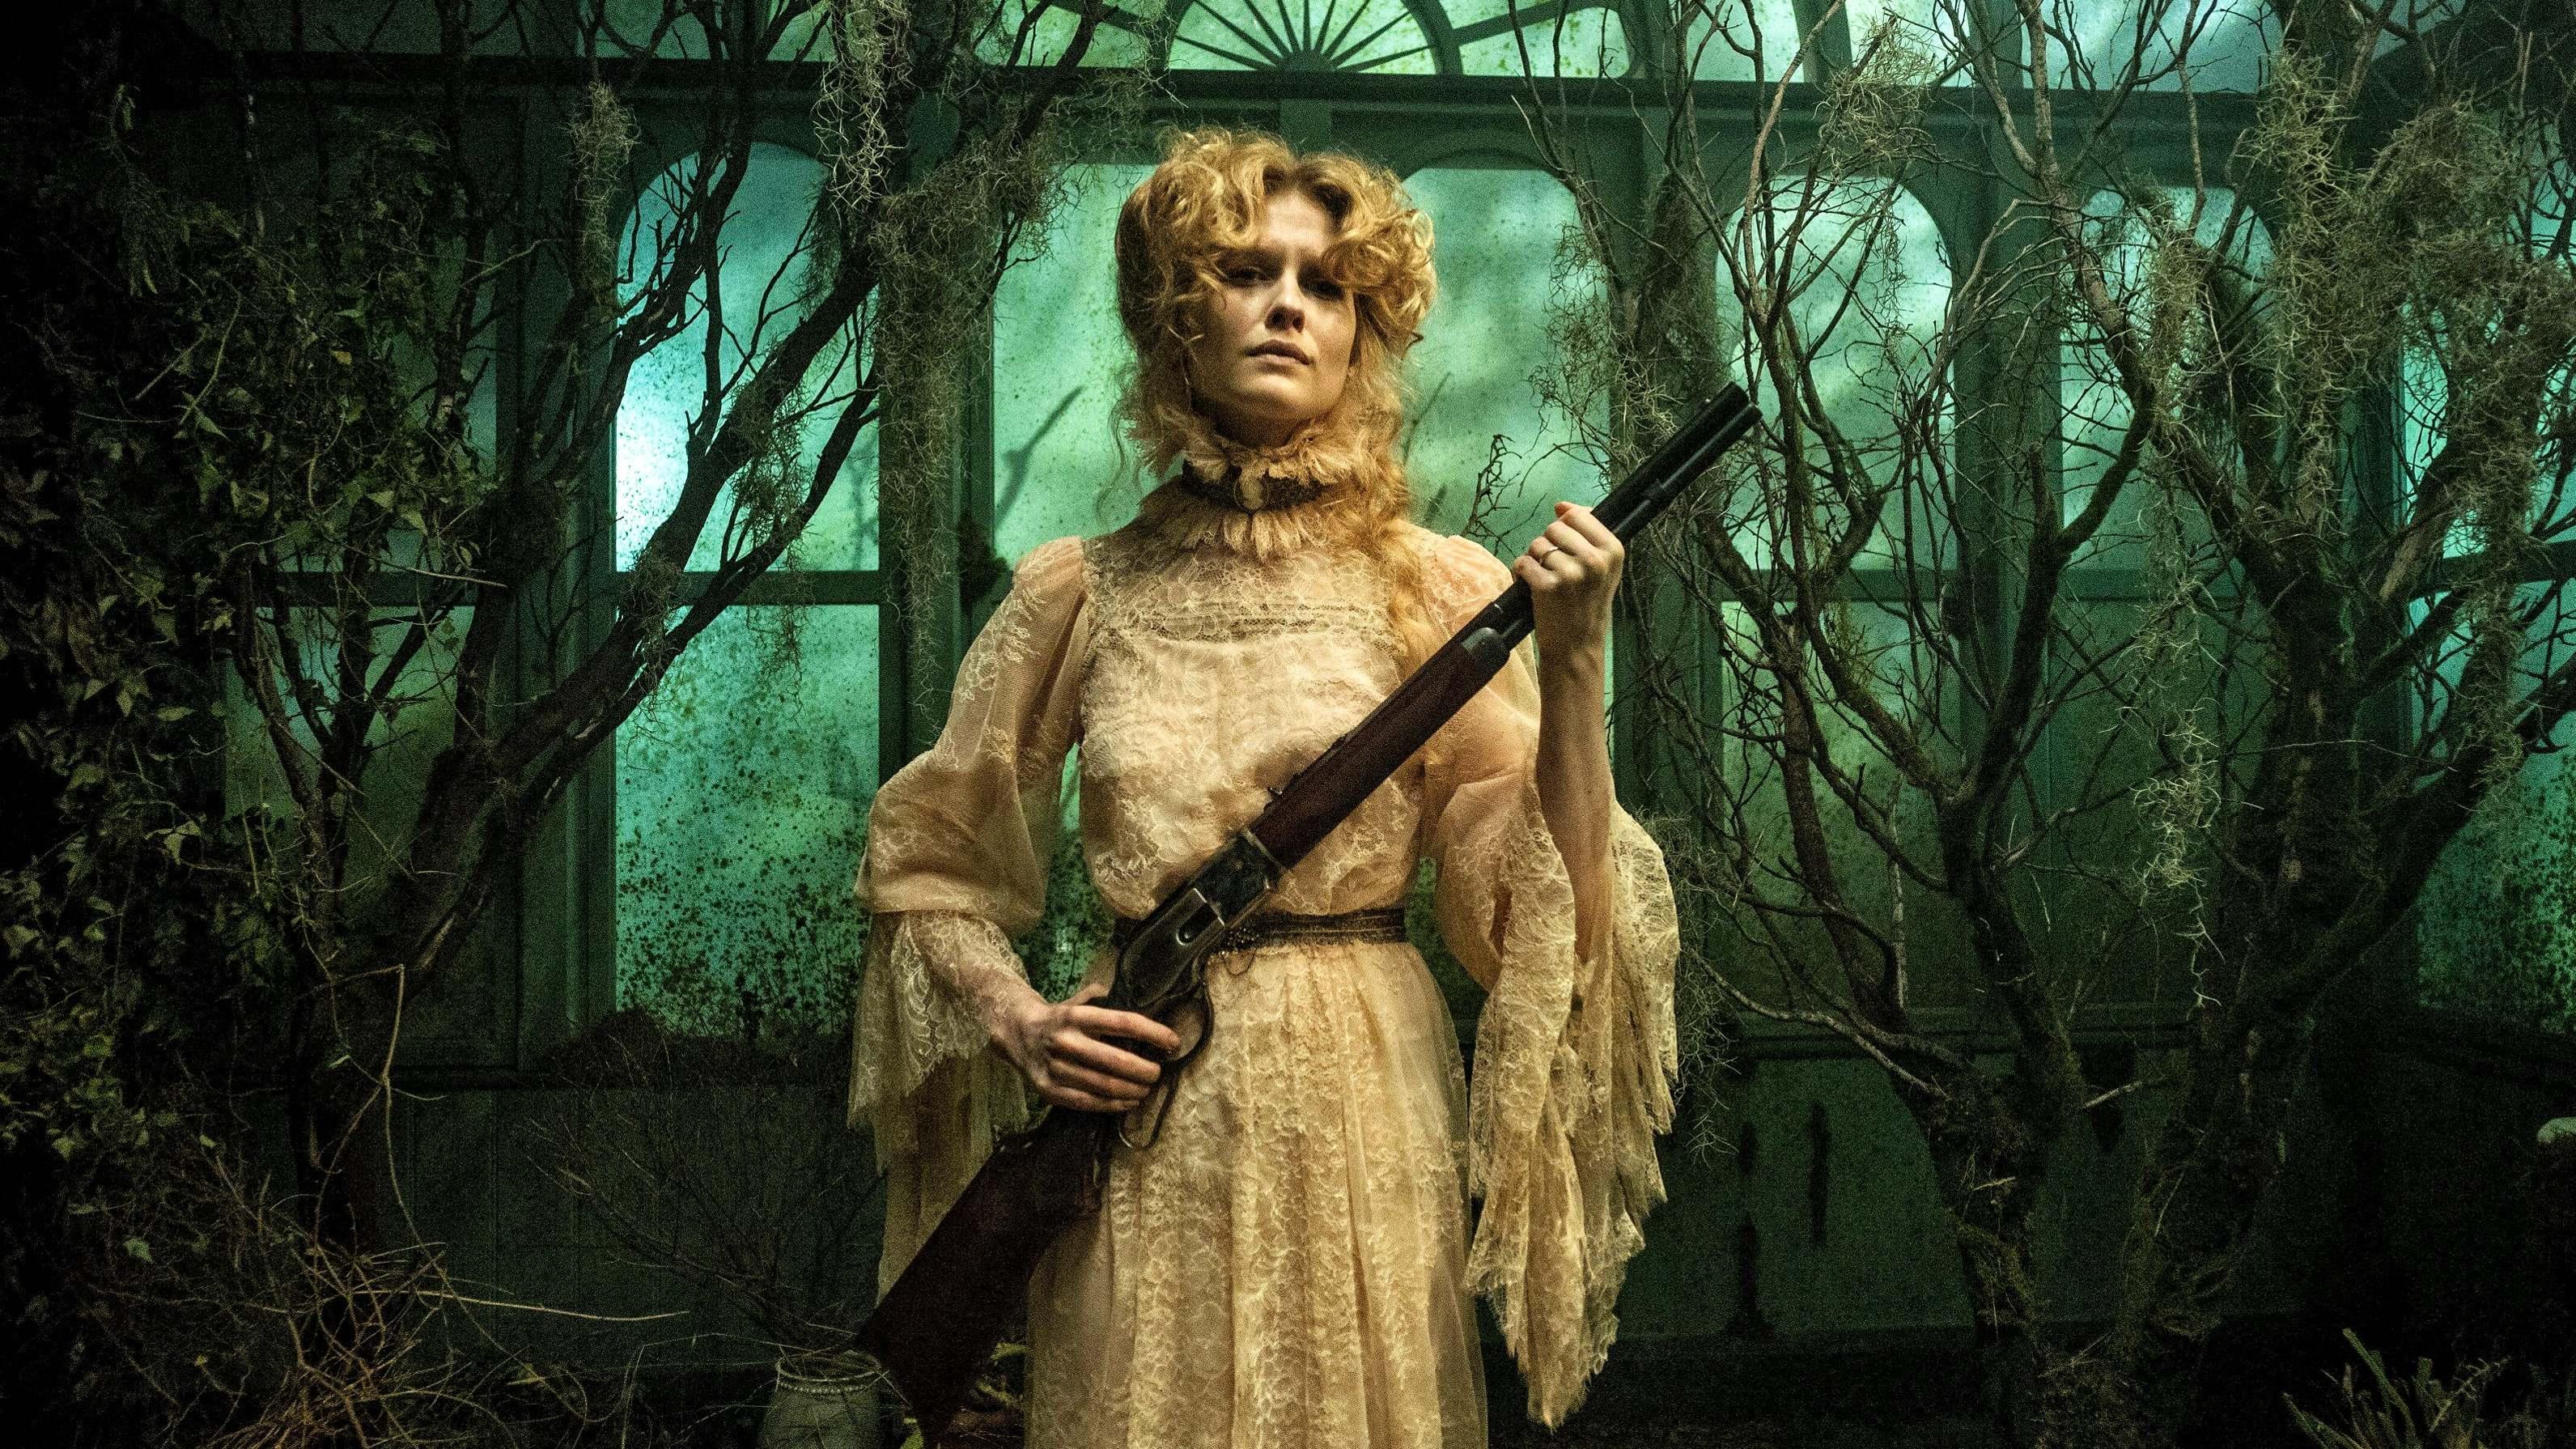 #惊悚看电影#连鬼魂都会迷路的传奇鬼屋历险记。电影《温彻斯特鬼屋》